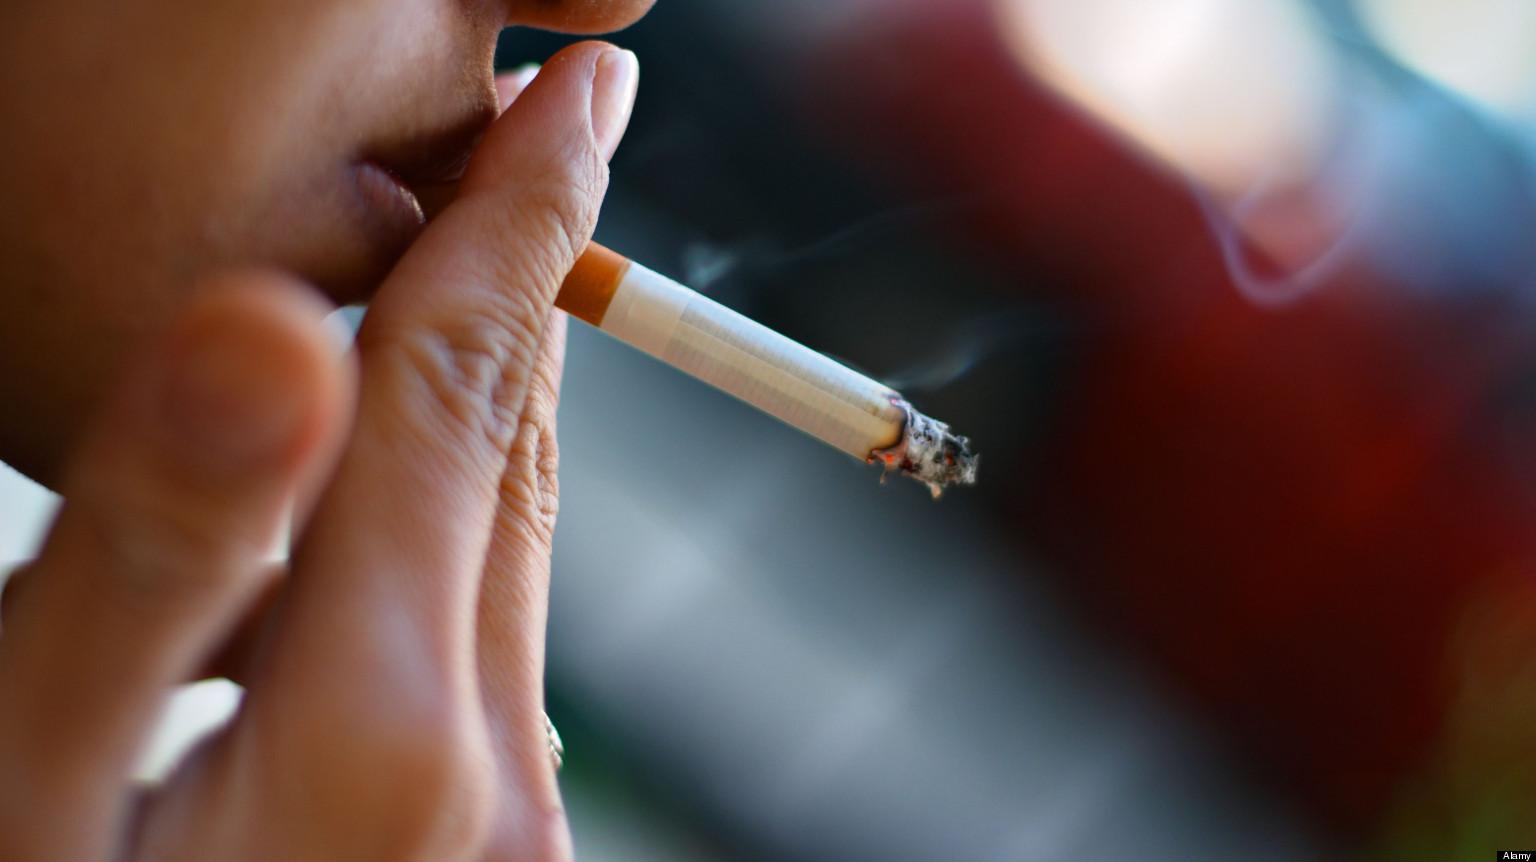 Cigarja merr jetën e kaq milionë njerëzve çdo vit